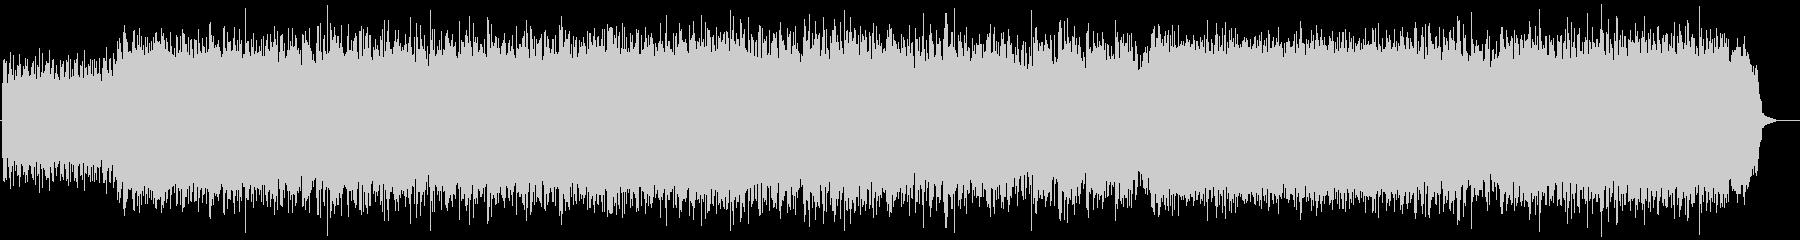 シューゲイザー轟音ギター洋楽 マイブラの未再生の波形